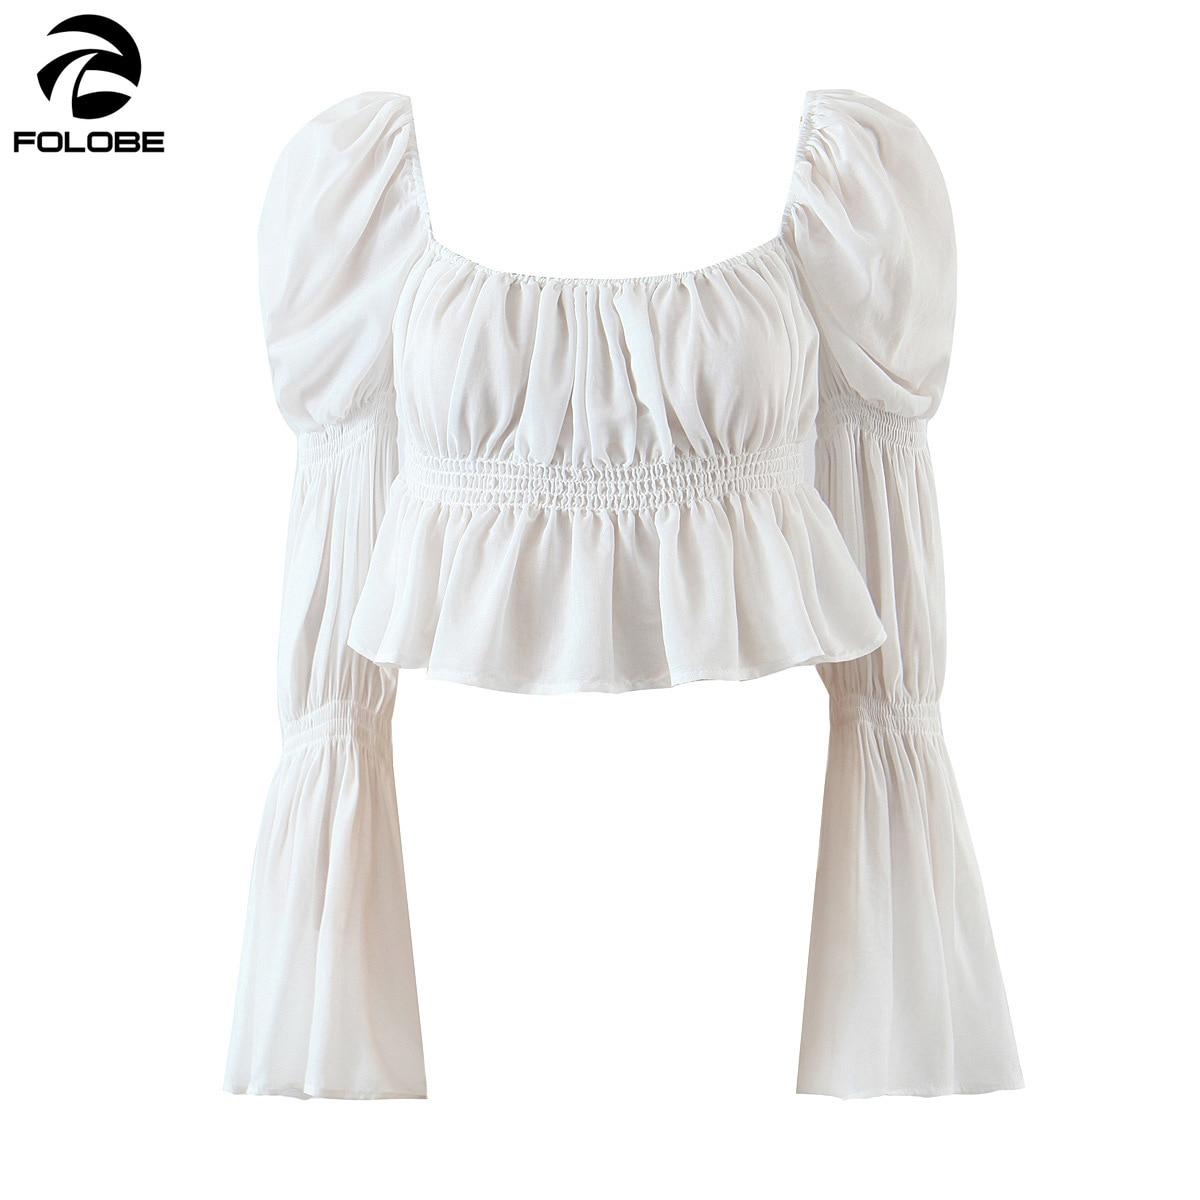 FOLOBE-Tops de cuello cuadrado francés para mujer, camisa de manga corta acampanada, Tops sexys de moda para primavera y verano, 2021